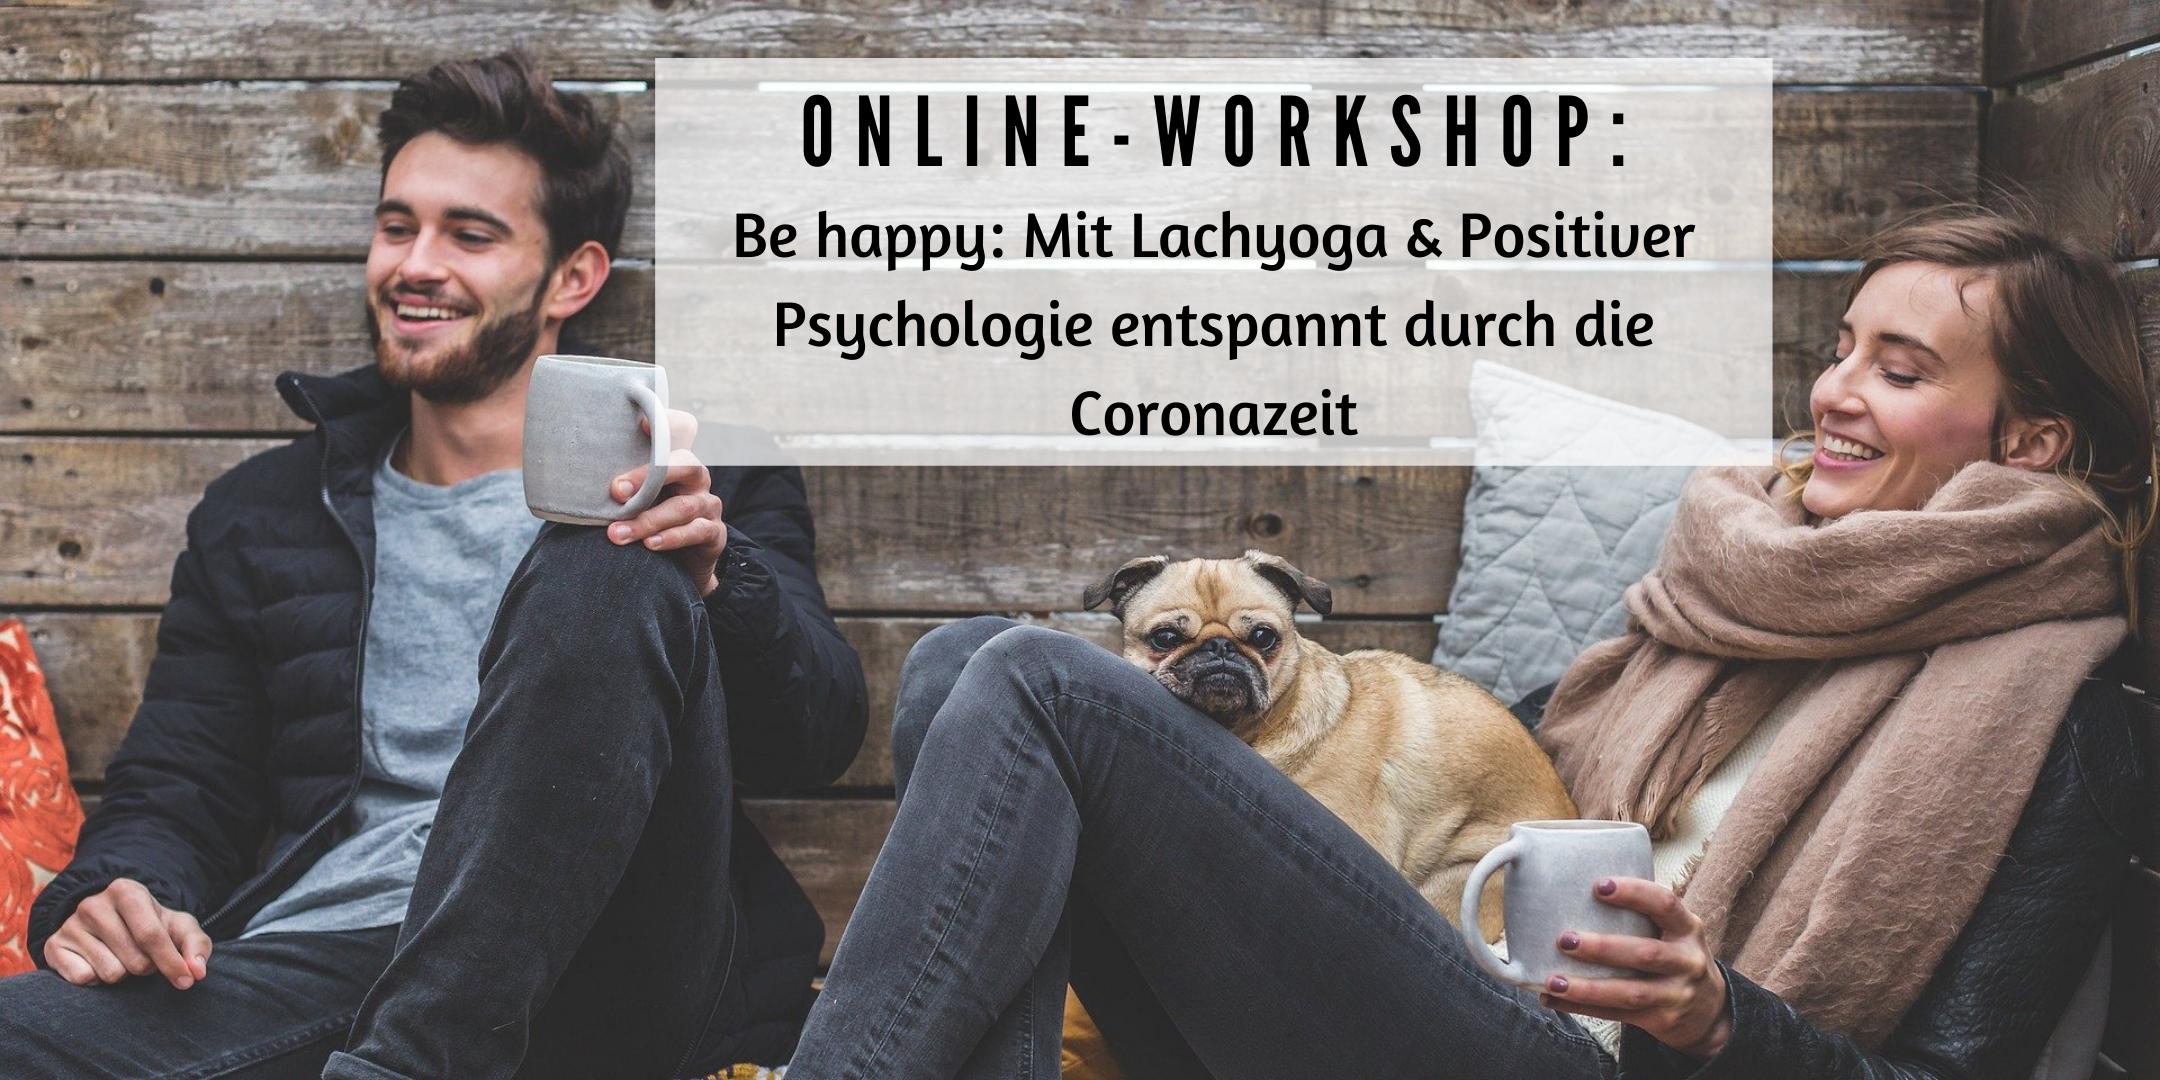 Workshop Positive Psychologie Lachyoga